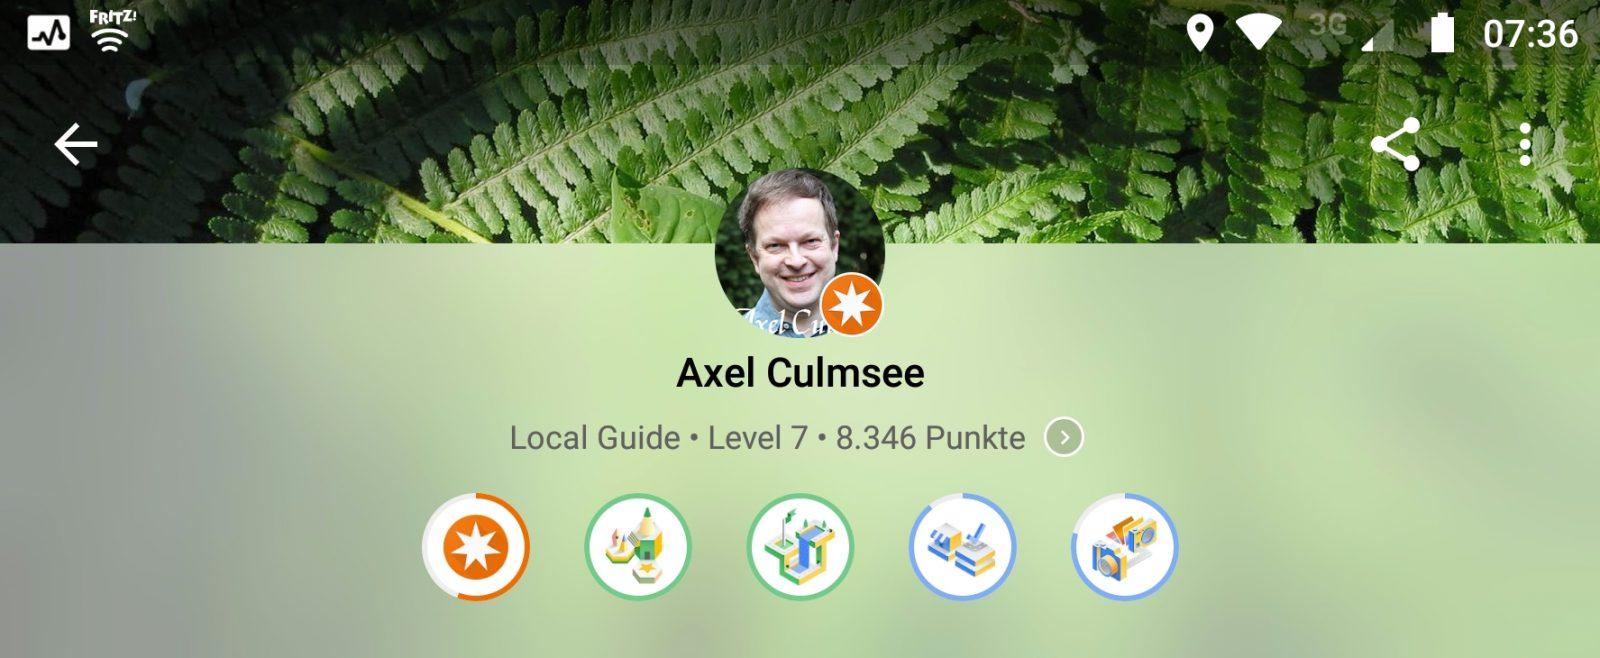 Local Guide Abzeichen Rezensent-/ Wegbereiter-Meister und Experte Fotograf / Faktenermittler bei Google Maps